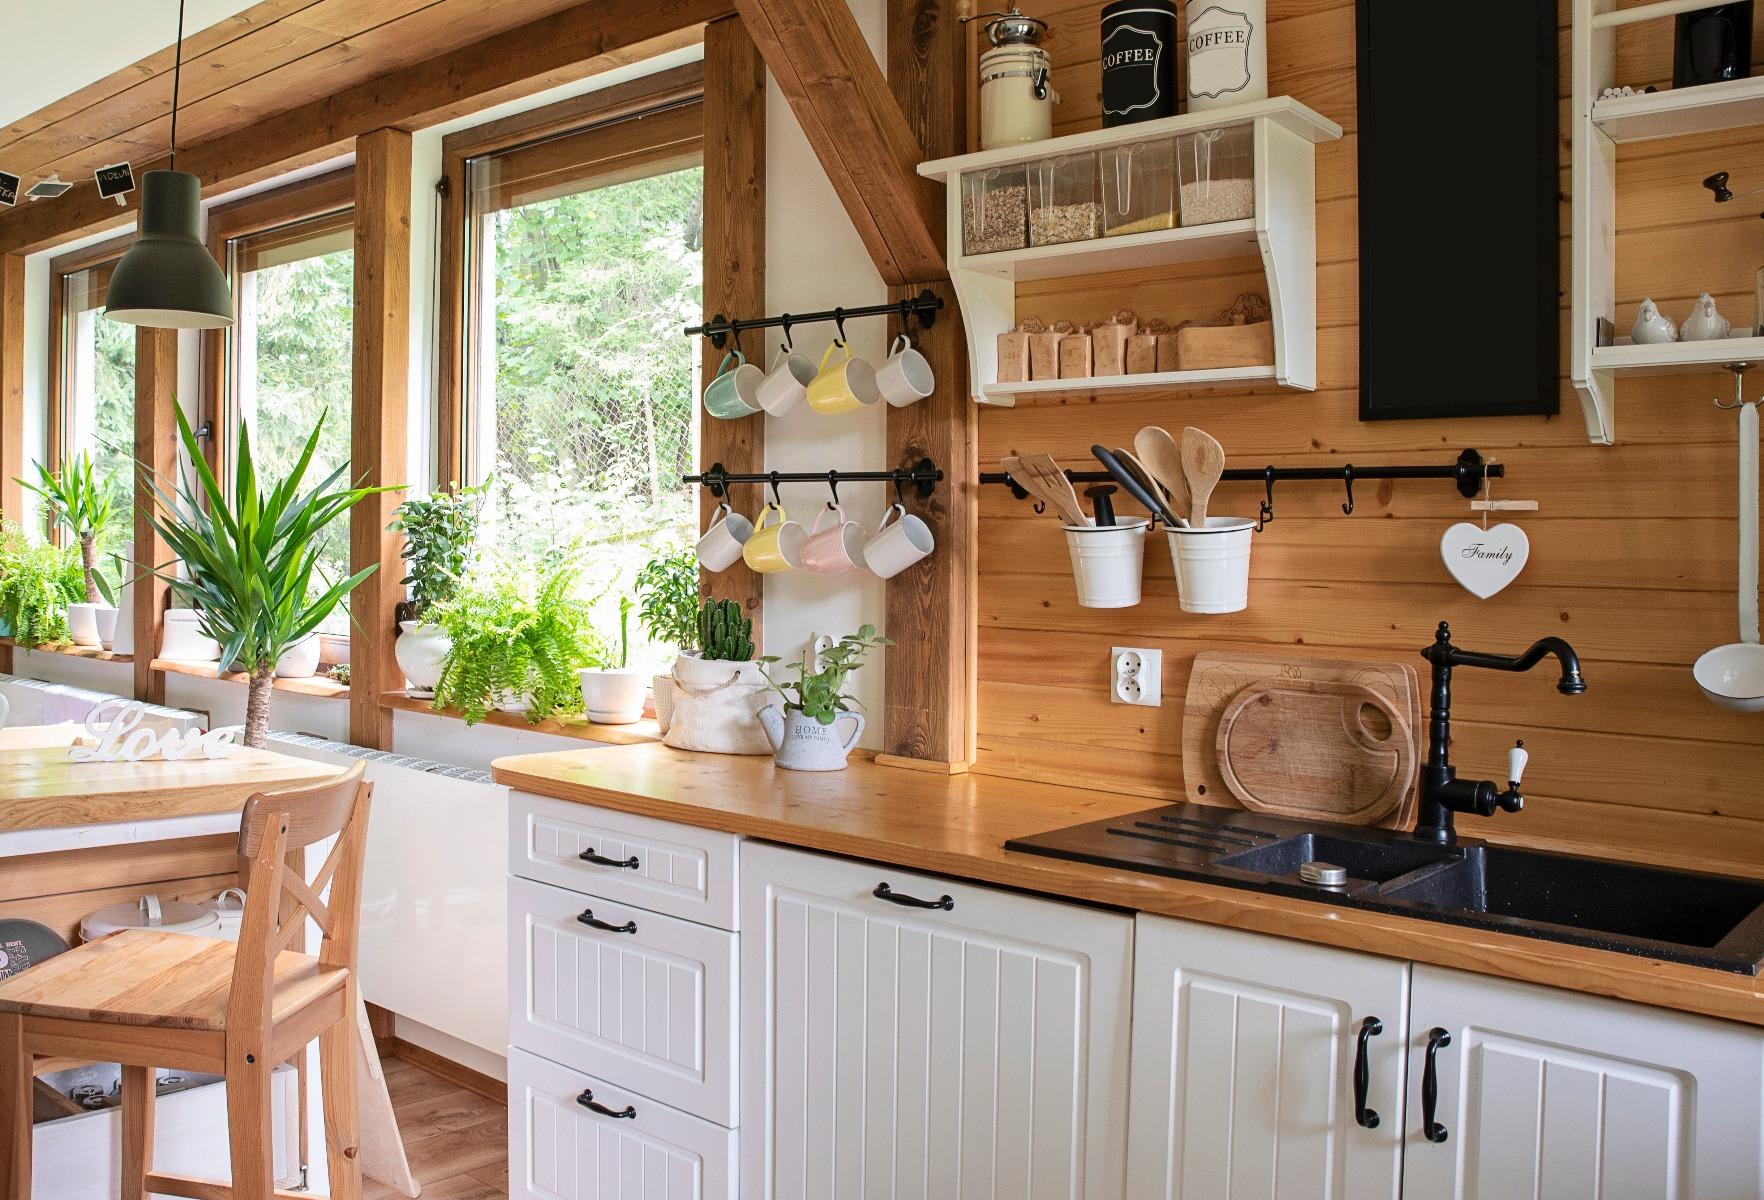 Das Bild zeigt eine Landhausküche aus Holz.